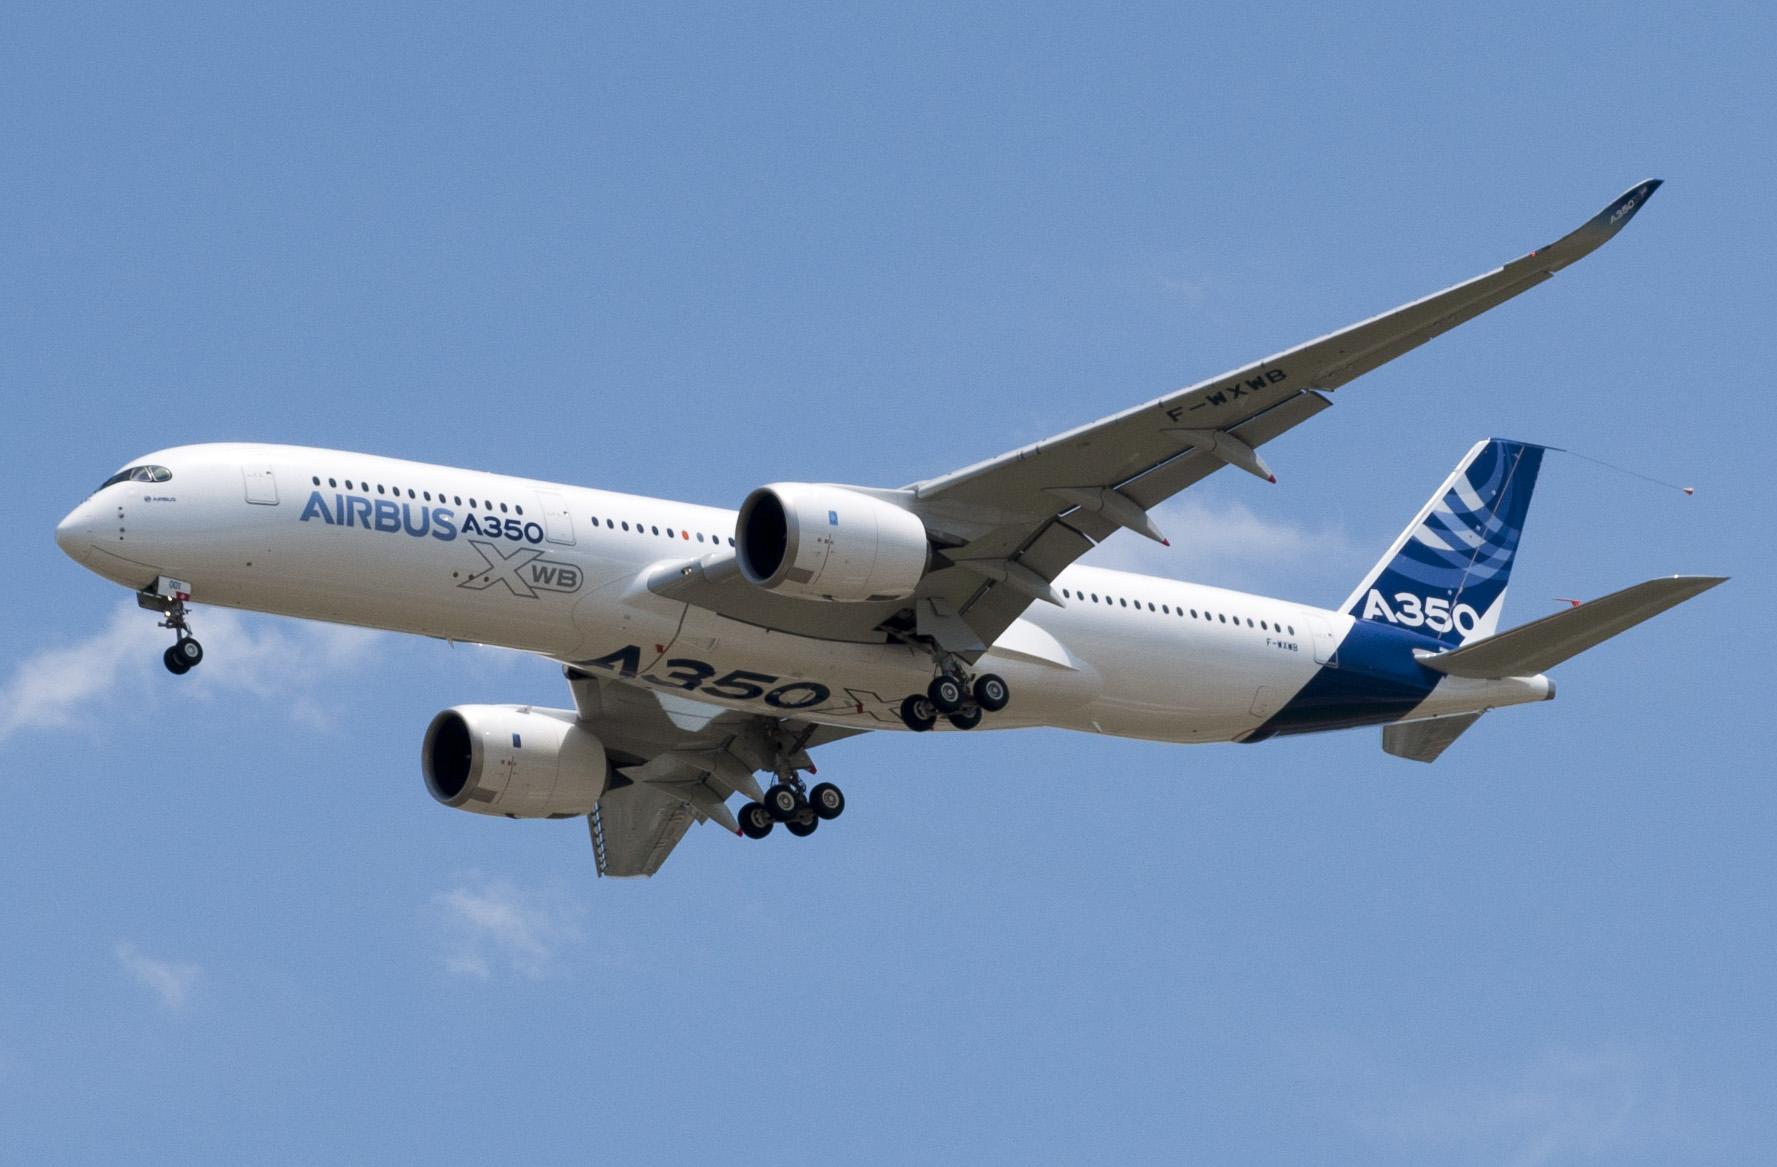 Airbus A350-900 på sin første flyvning i juni 2013. Foto: Don-vip